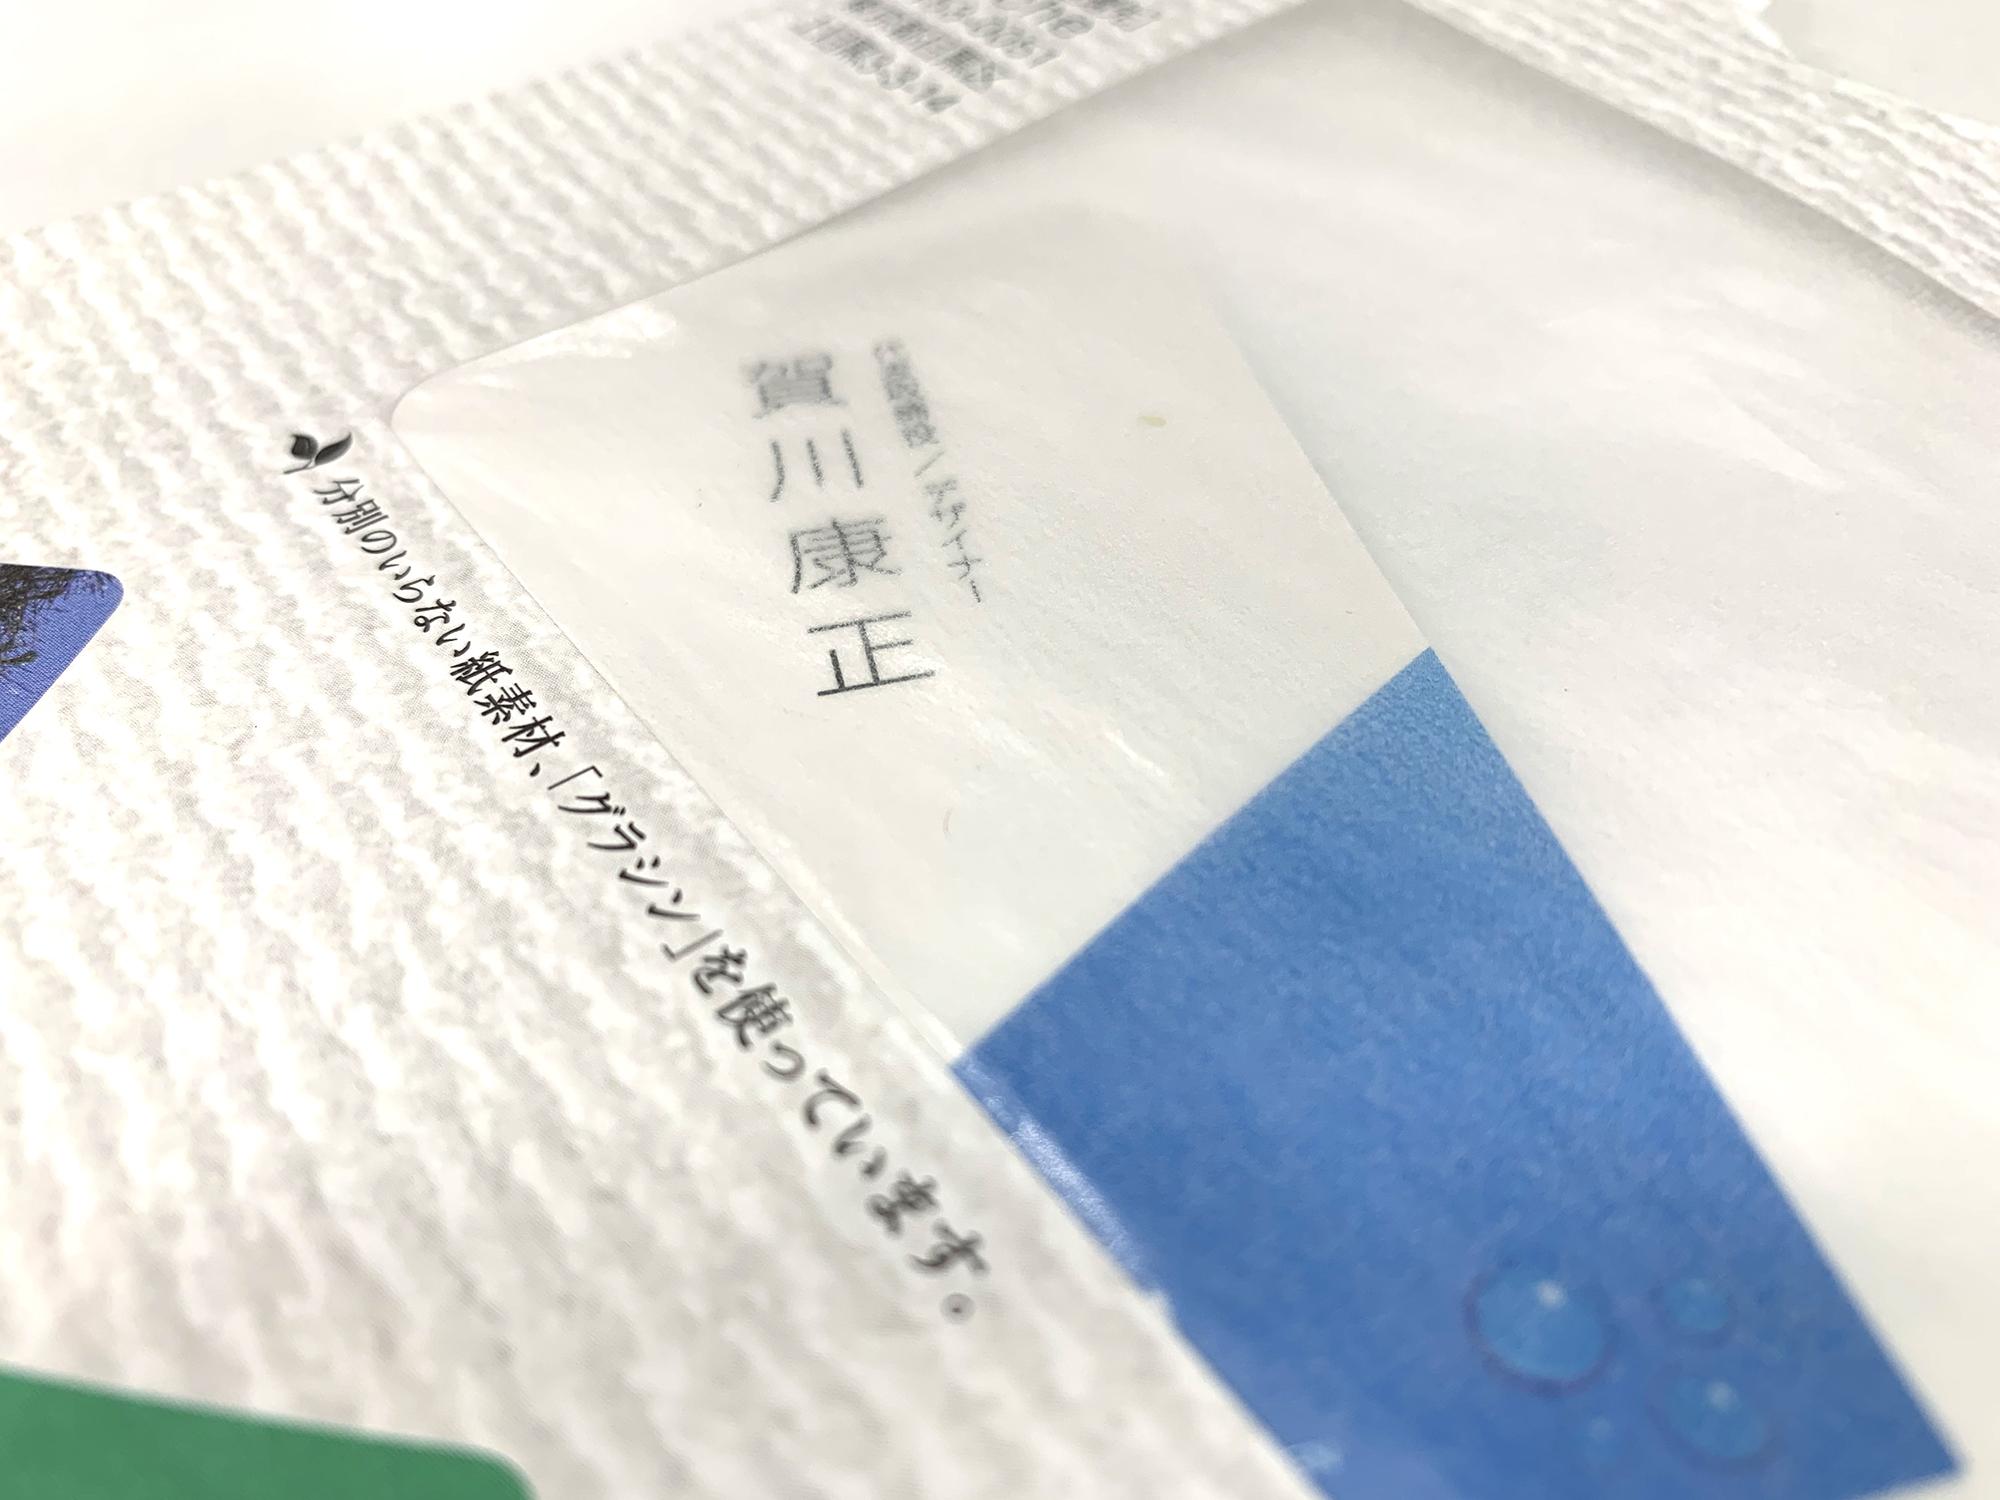 エコ素材を考える①(透ける紙グラシン)